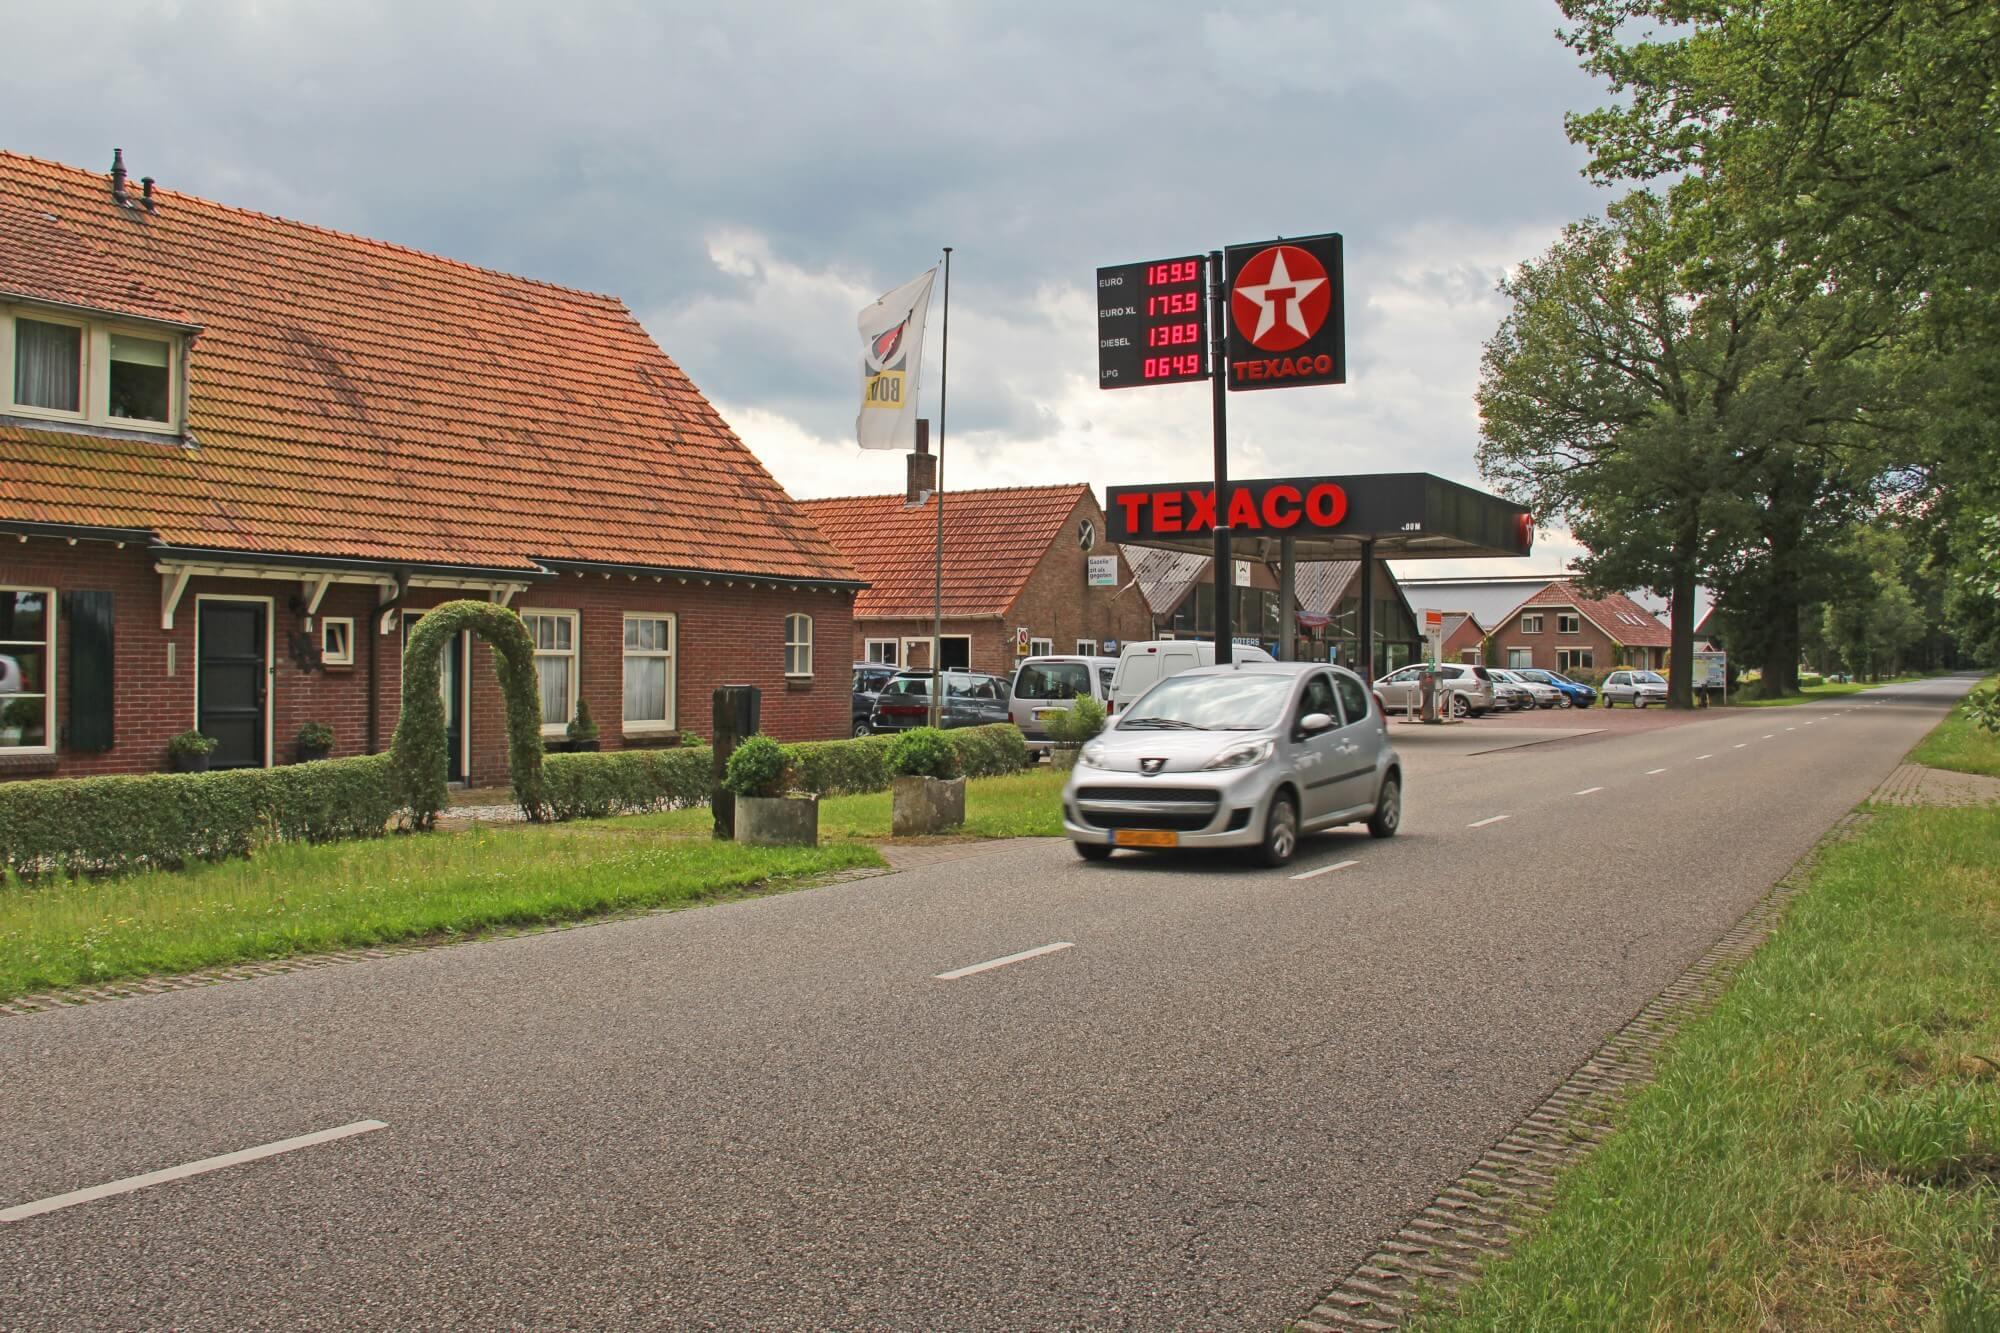 brandstofprijzendisplay